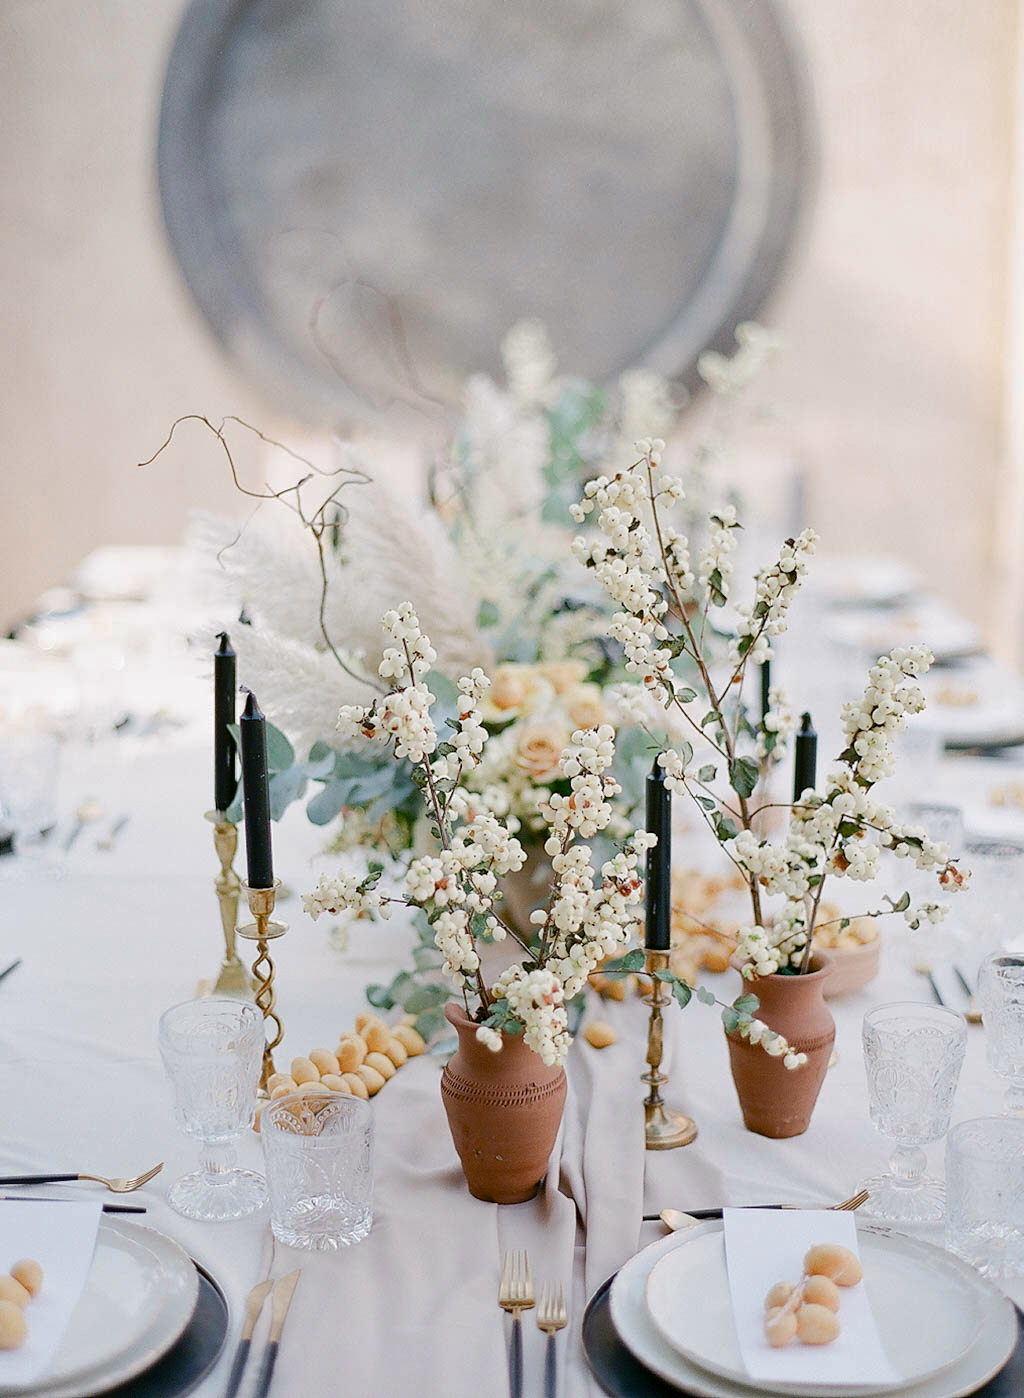 Winter Wedding Ideas For A Cozy Festive Fete Martha